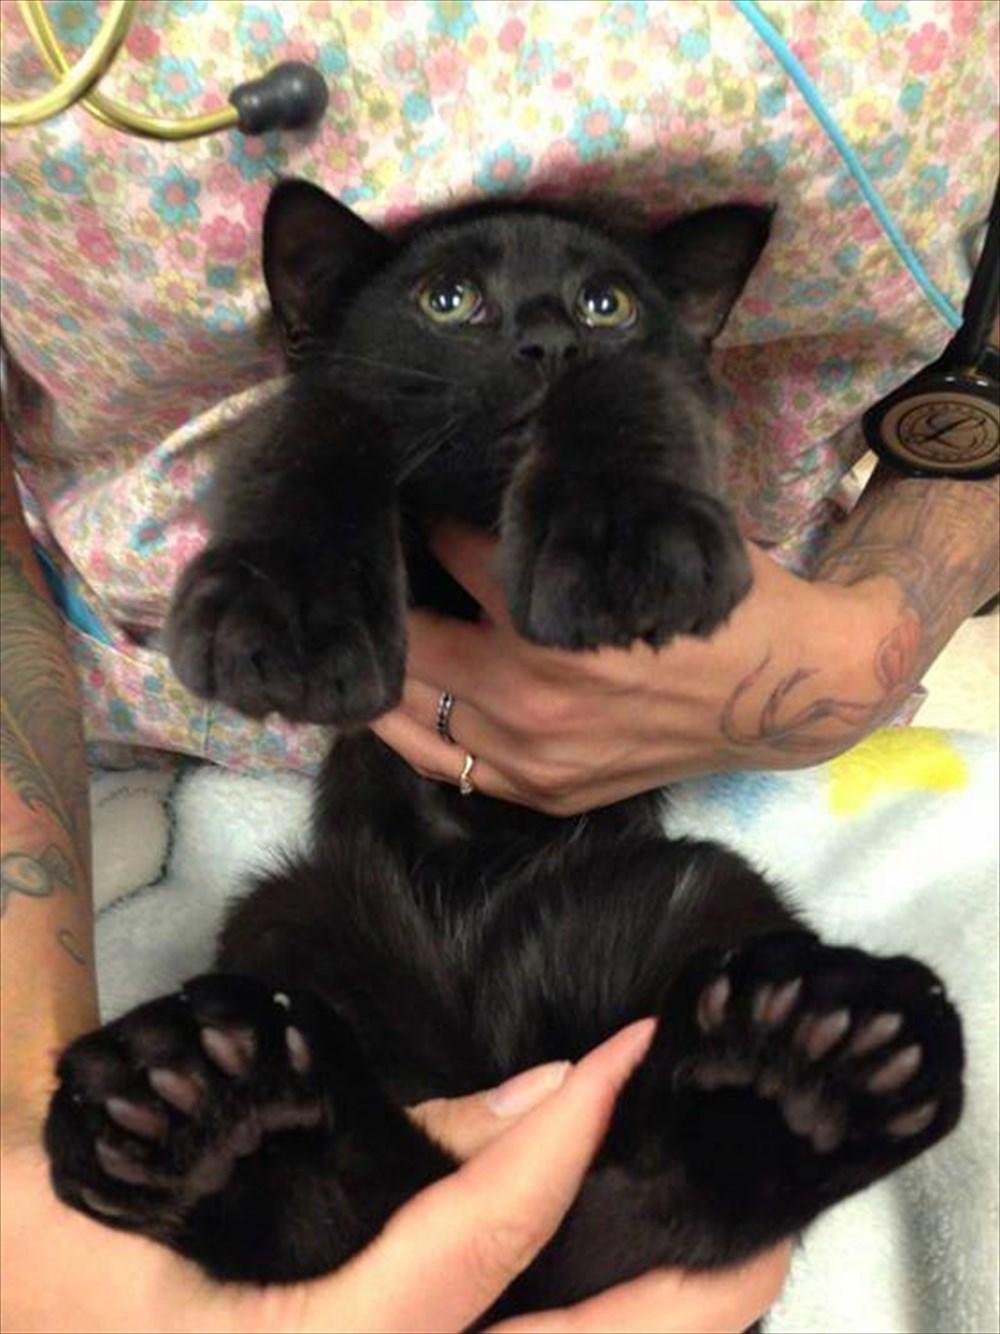 地域によっては15%の確率で出現!幸運を招くとされる「多指症の猫」